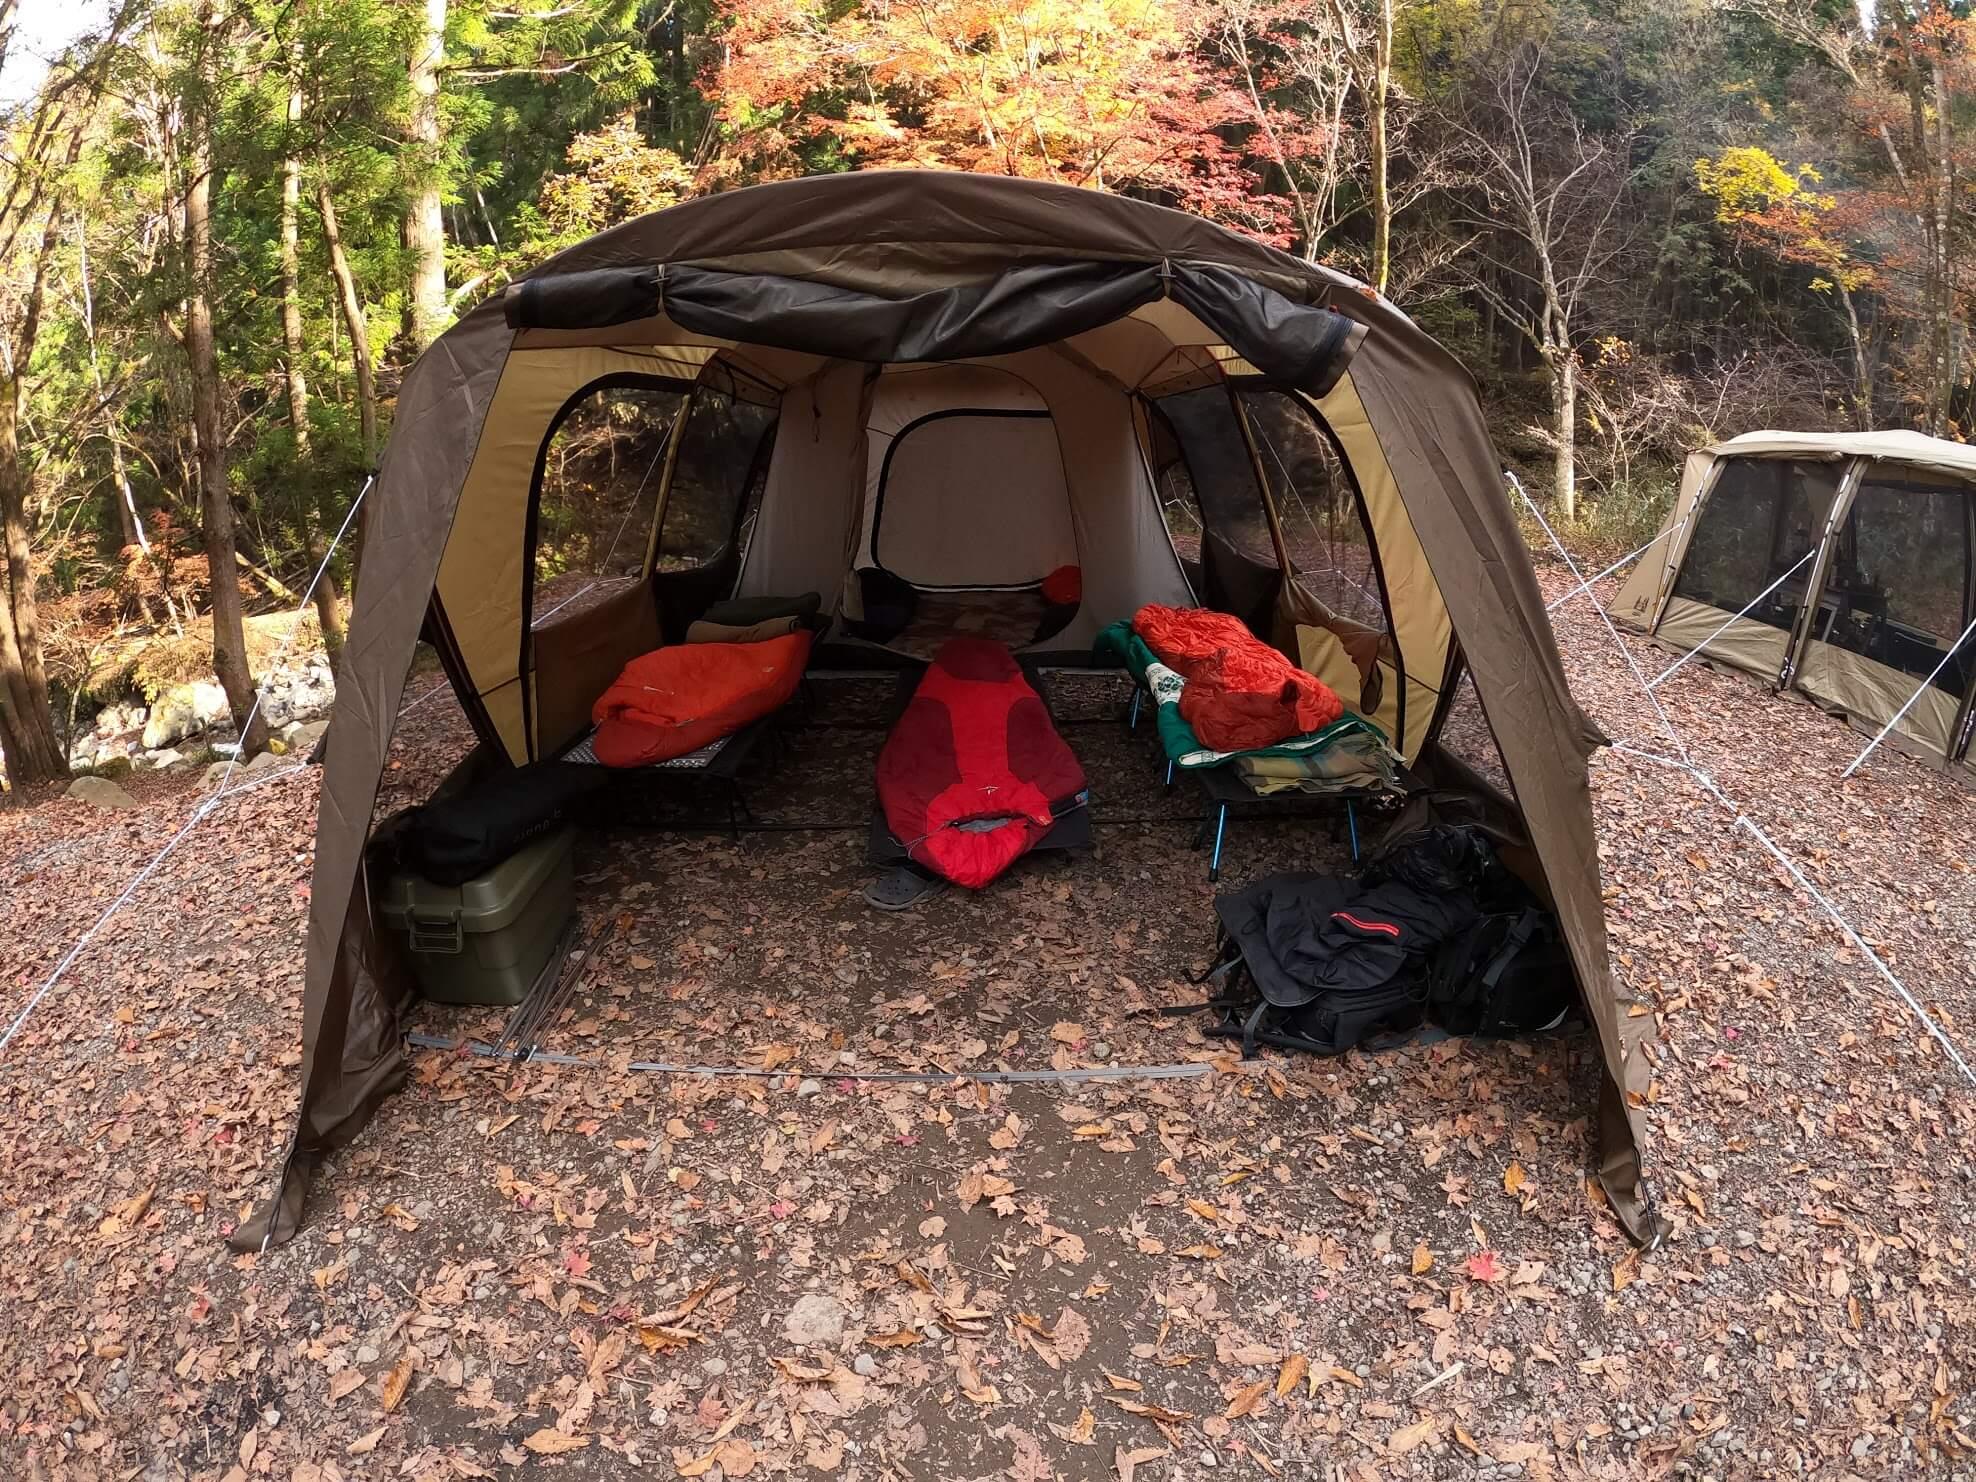 道志の森キャンプ場 ogawa ティエラ ラルゴ